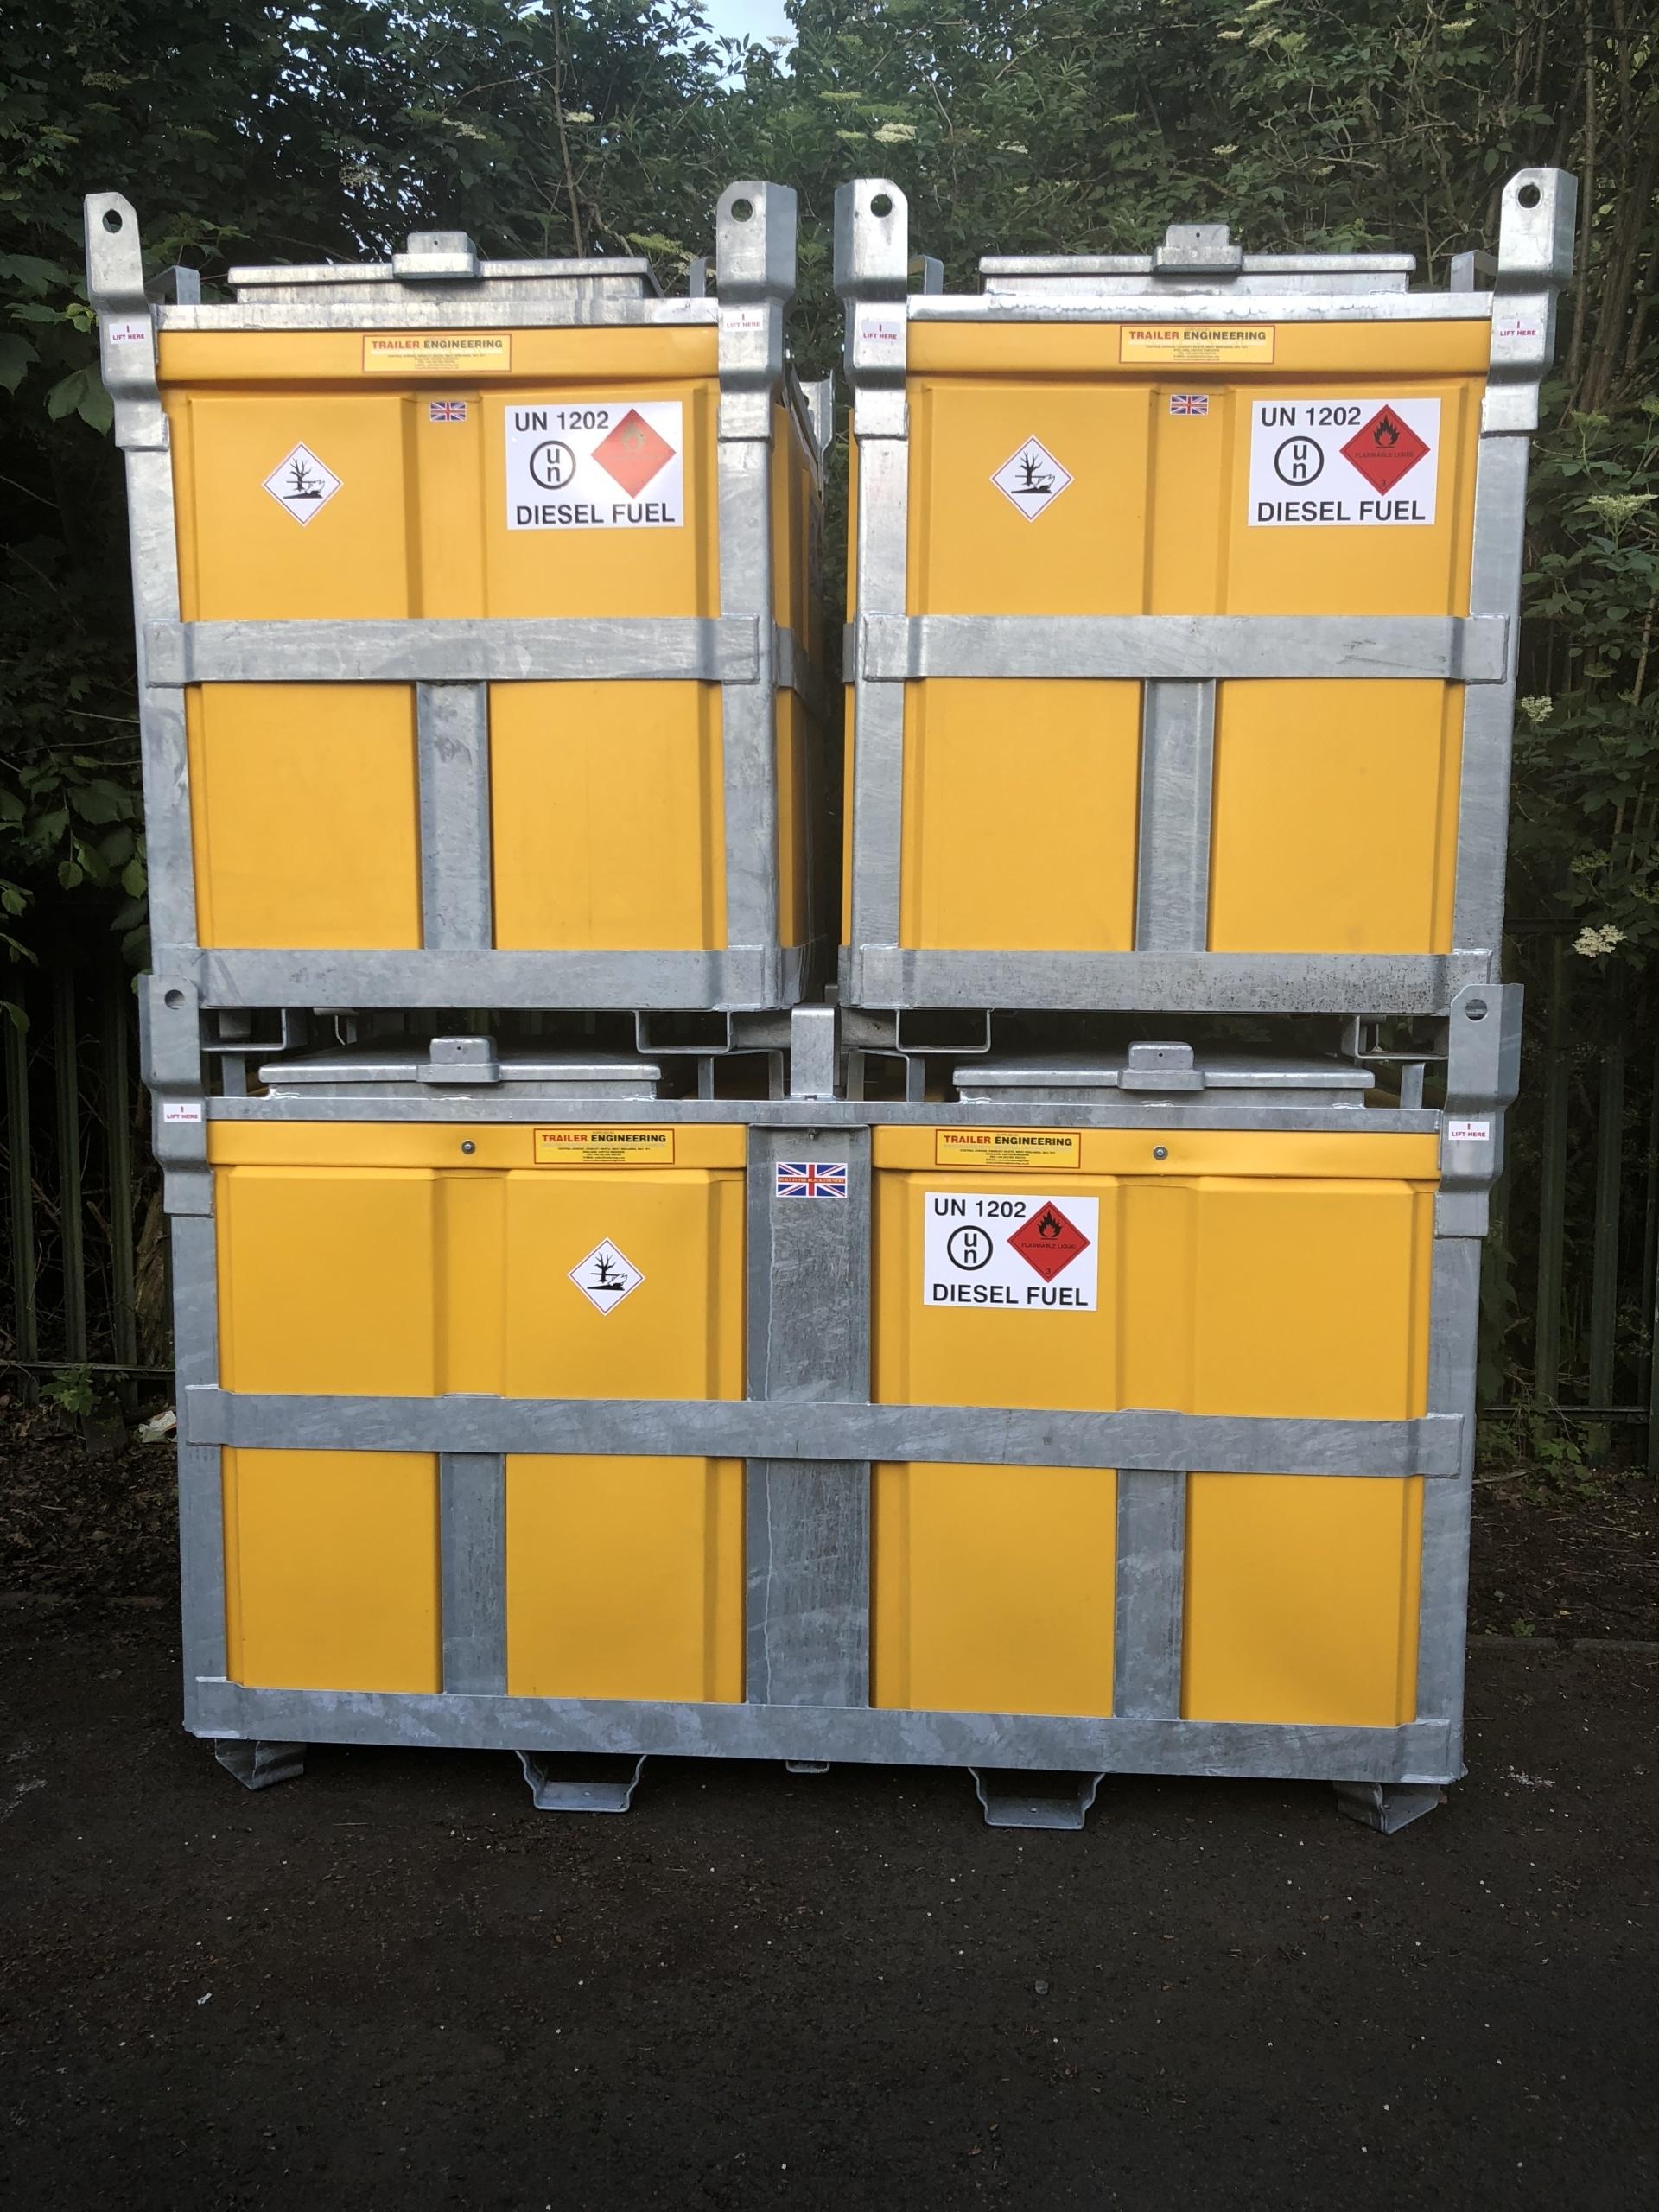 2000 litre Diesel fuel cube with 950 litre Diesel fuel cubes